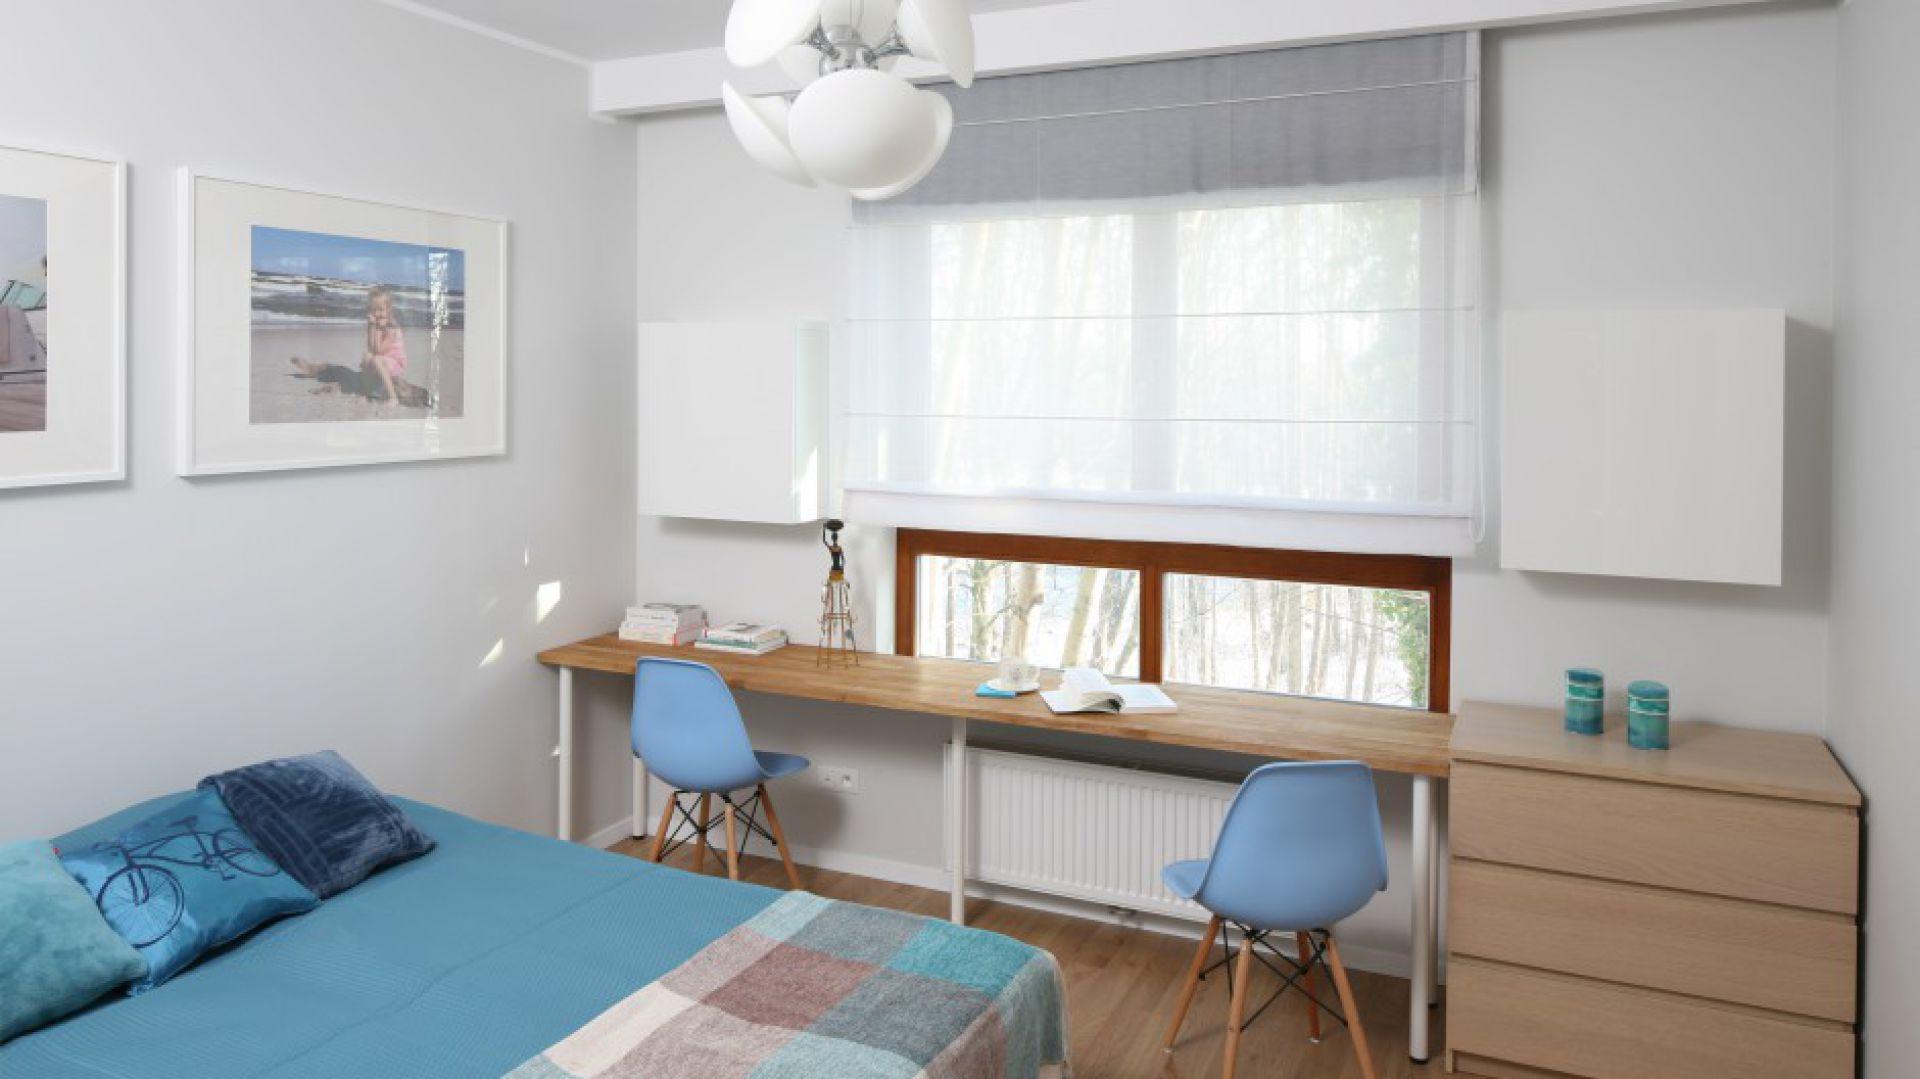 Duży blat umieszczony przy oknie doskonale zastąpi tradycyjne biurko. Projekt: Anna Maria Sokołowska. Fot. Bartosz Jarosz